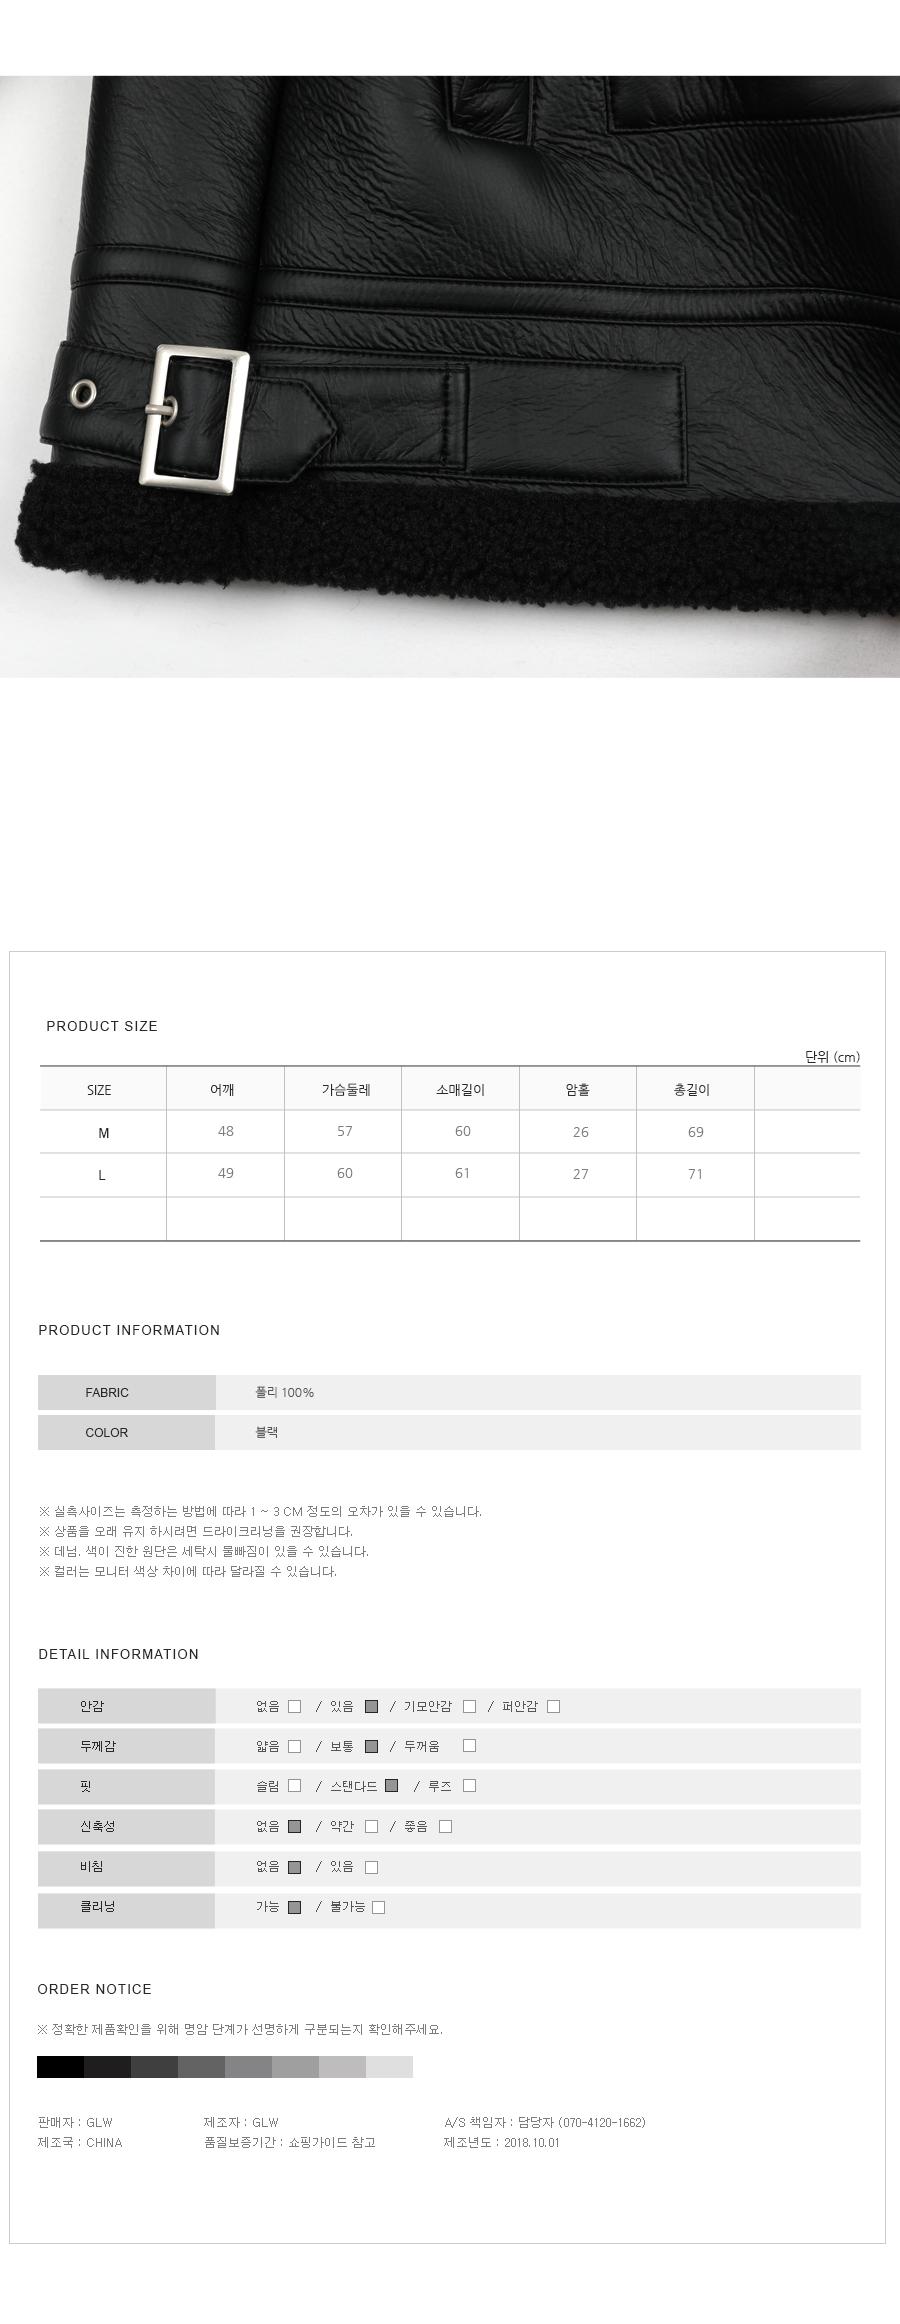 18WTGJ16_info_03.jpg